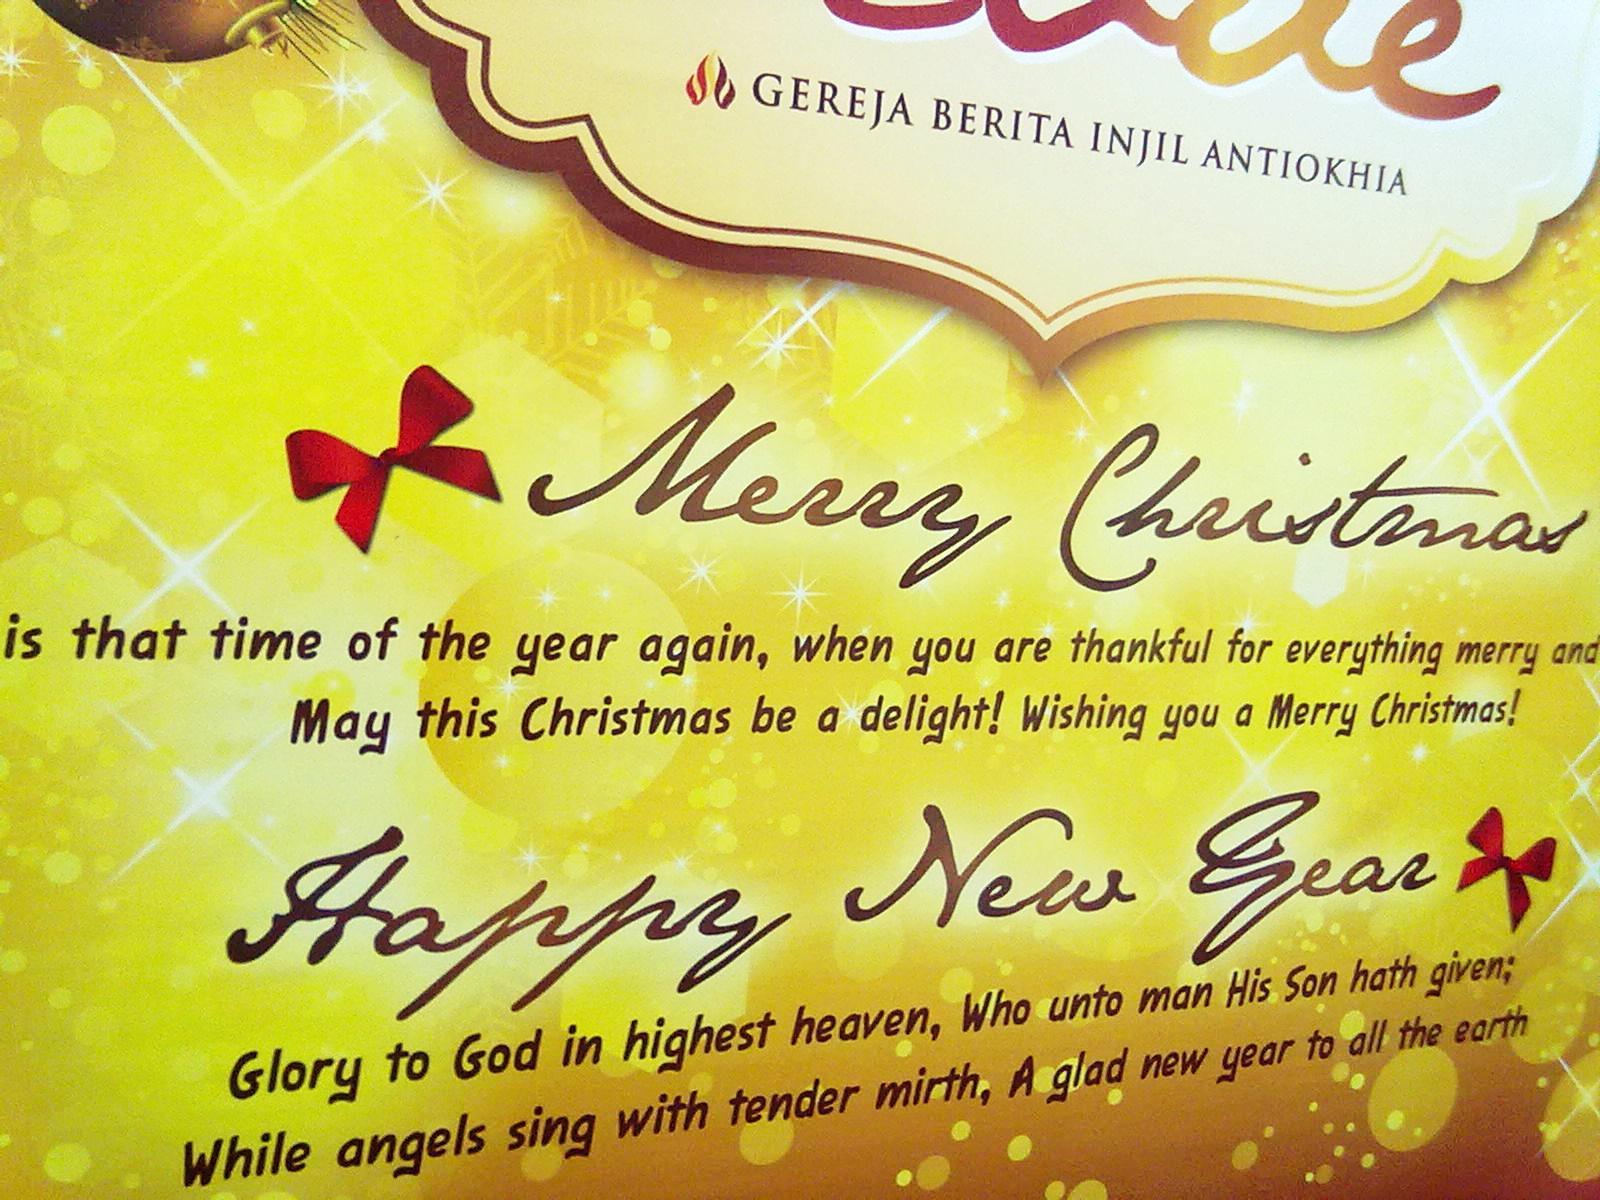 Natal akan selalu membawa damai sejahtera dan sukacita di hatiku